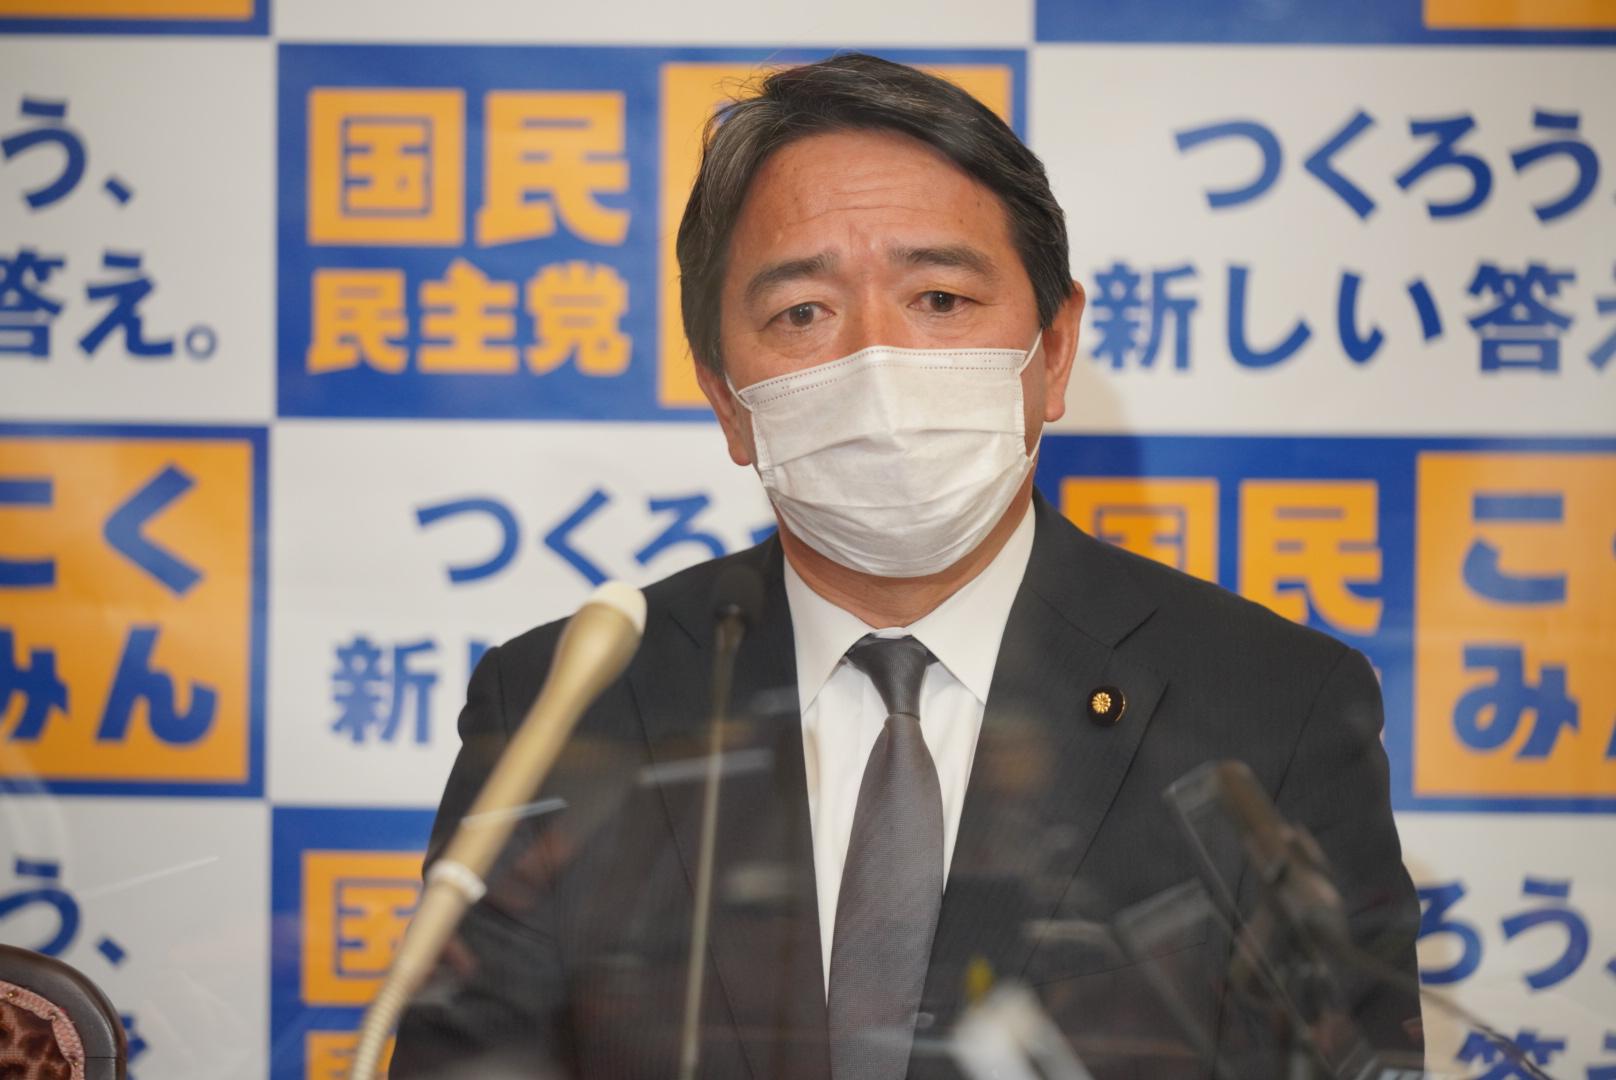 国民民主党 幹事長定例会見(2021年3月26日)